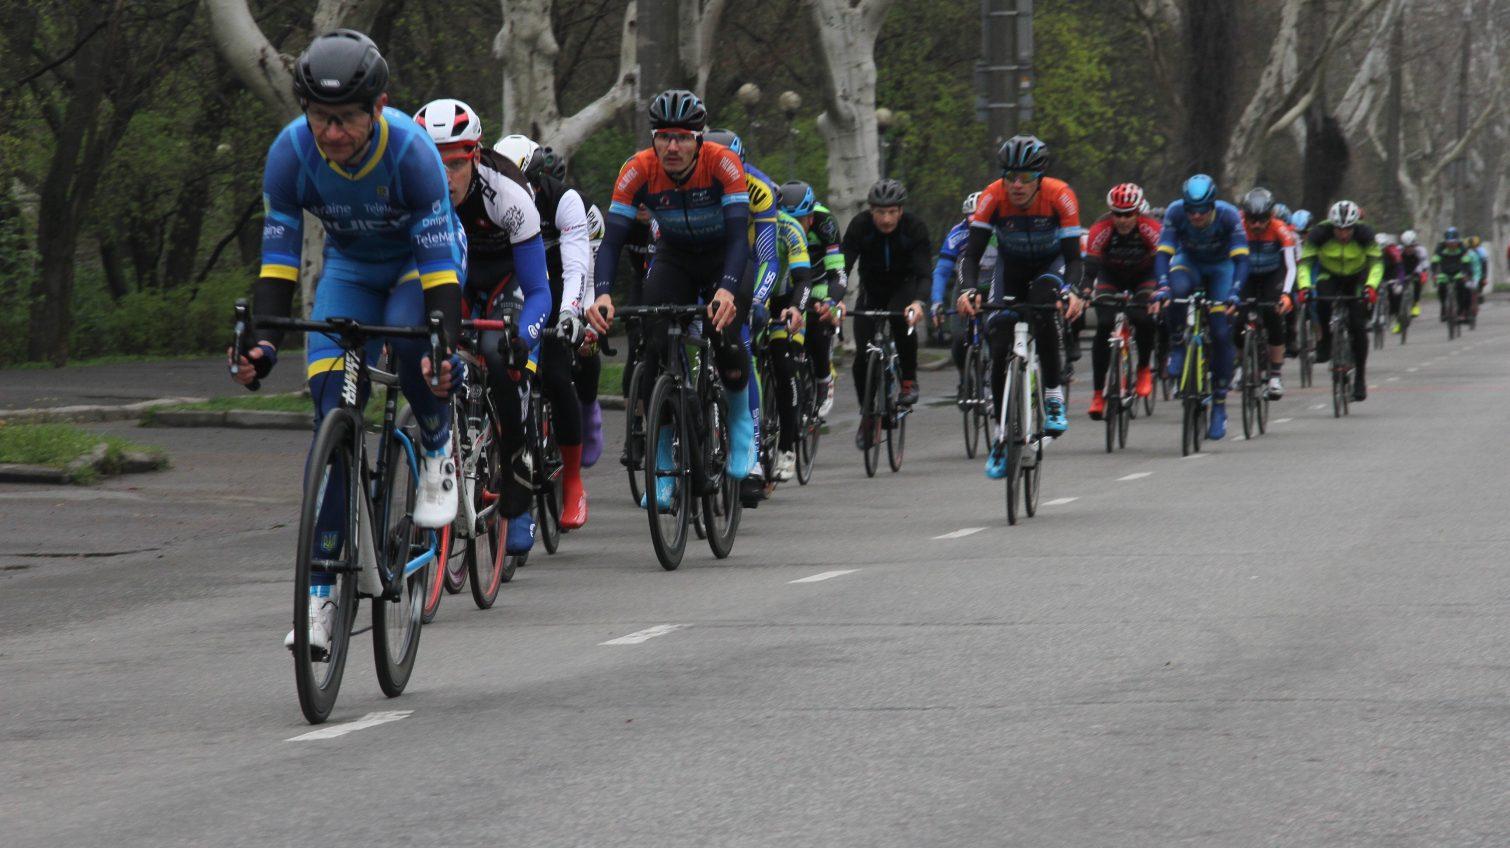 Чемпионат Украины по велоспорту пройдет в Одессе: движение в Суворовском районе будет ограничено (схема) «фото»